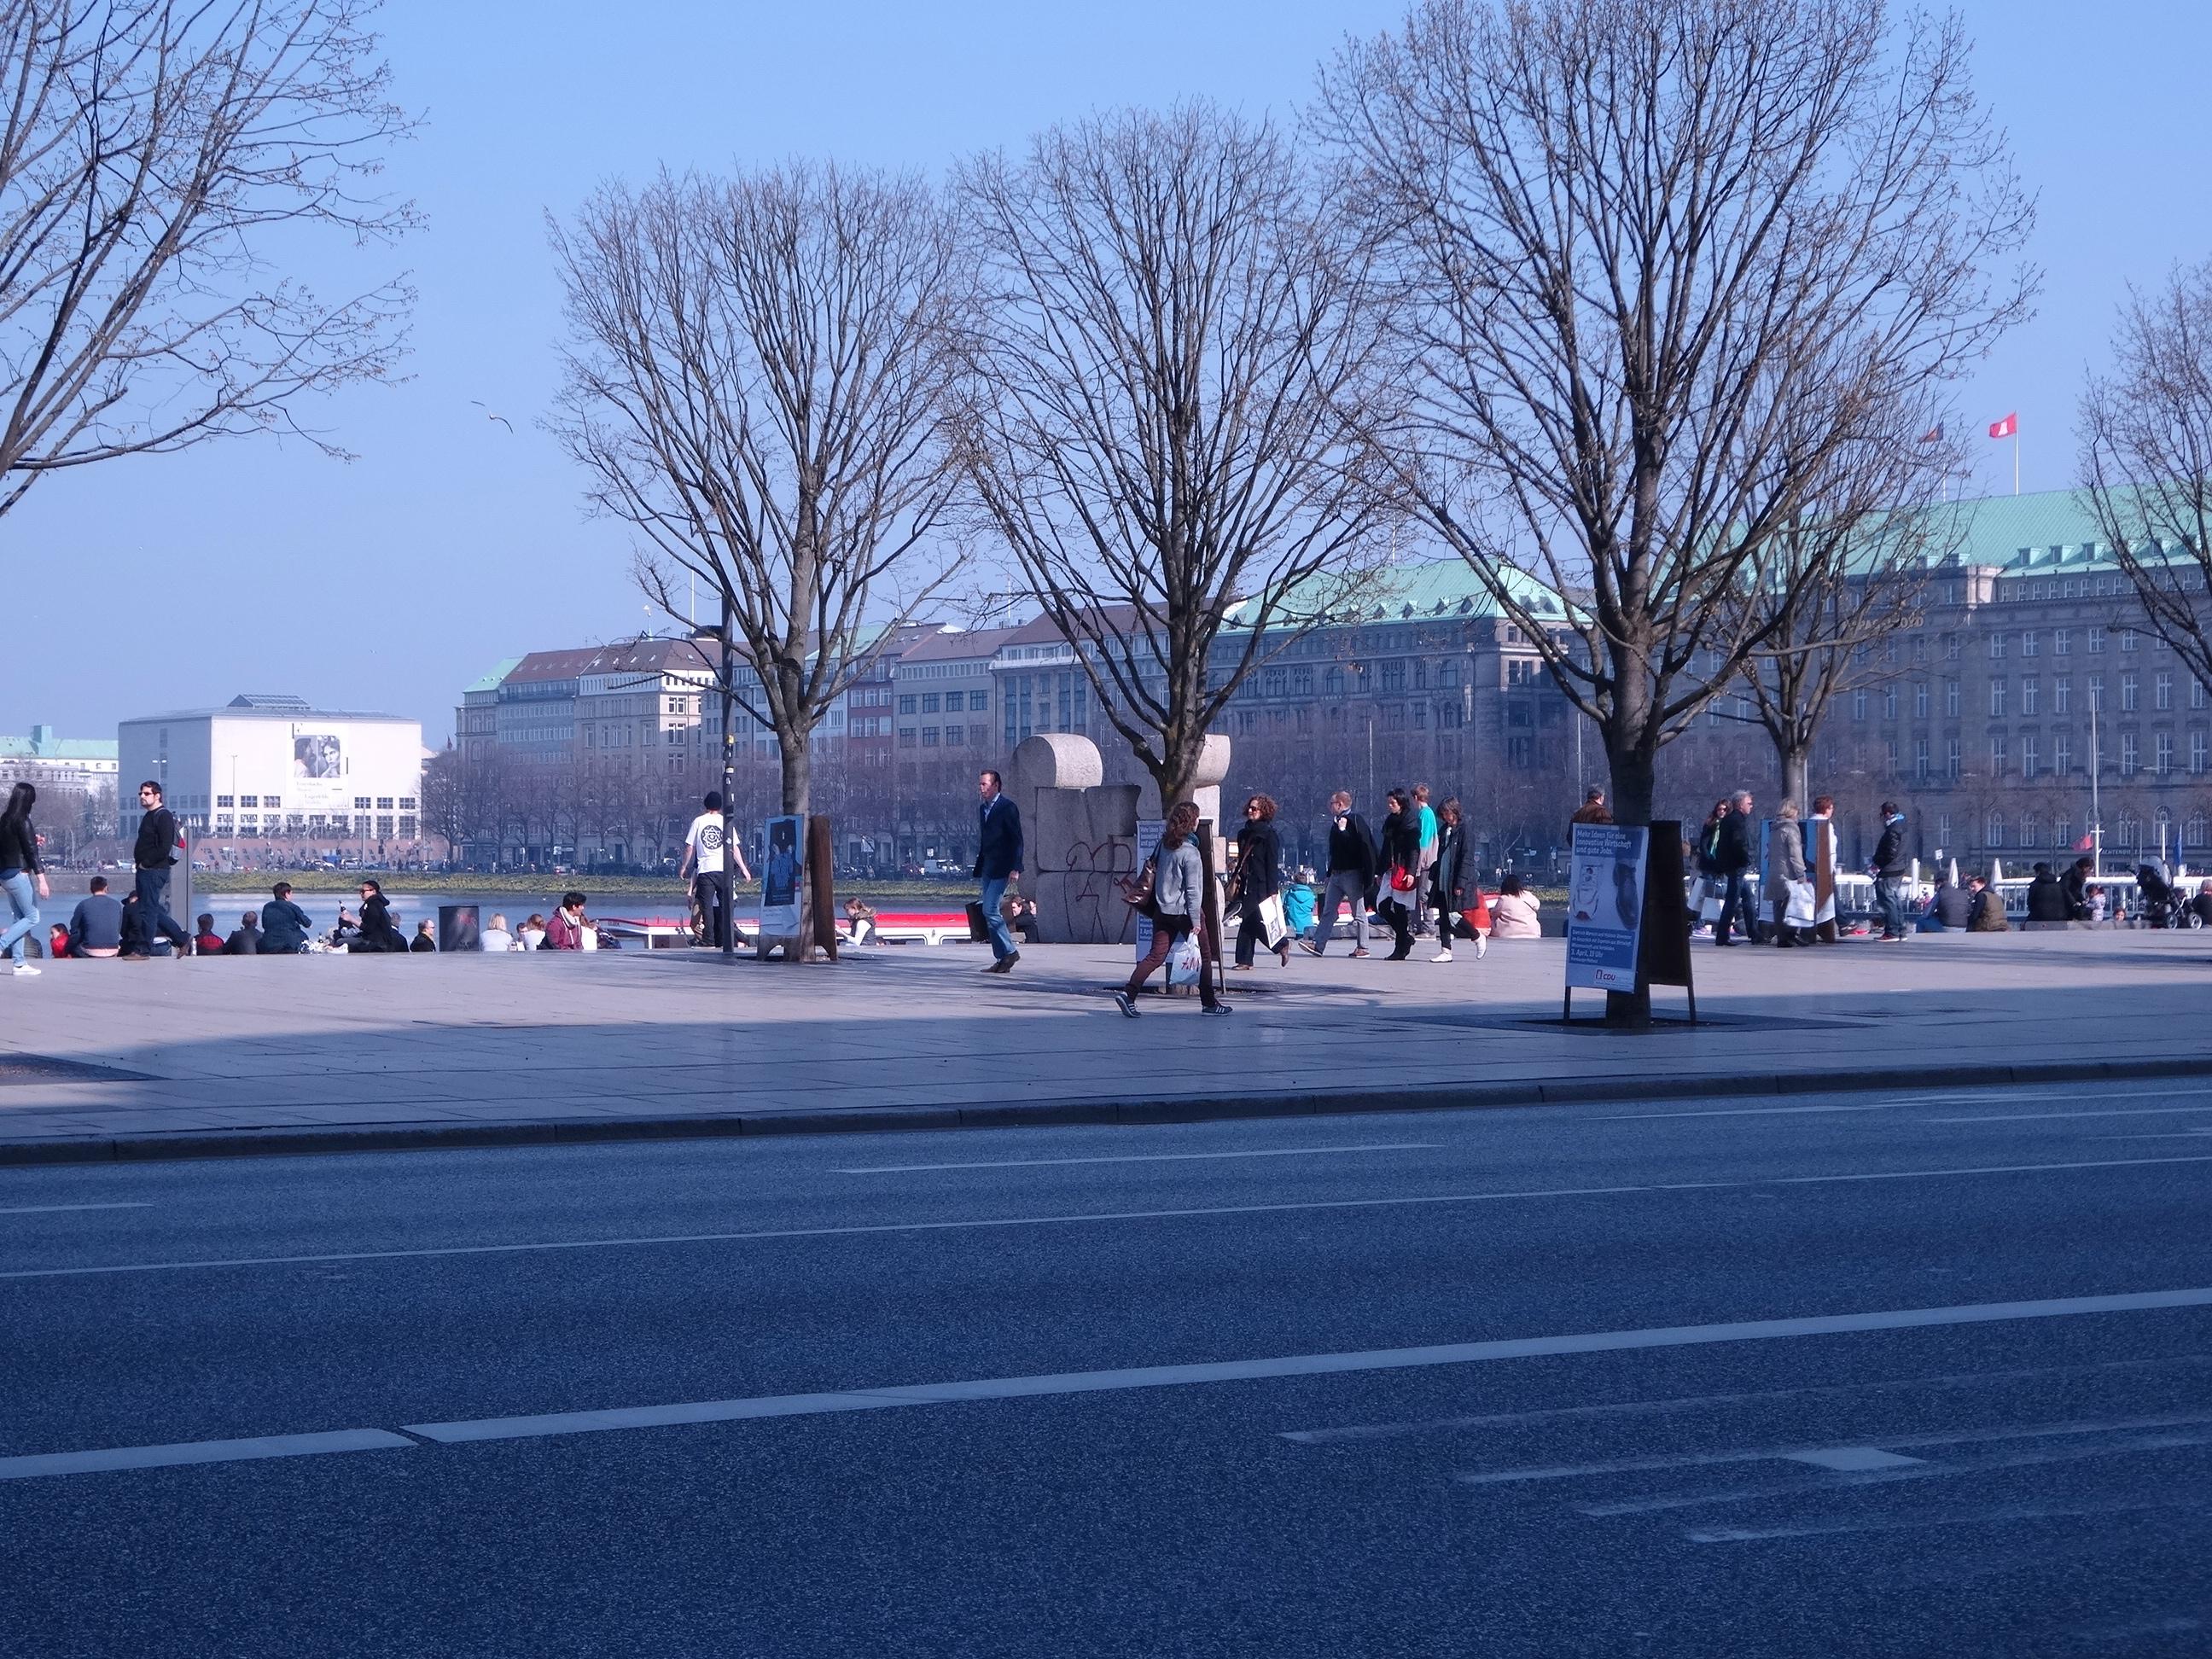 Hamburg Jungfernstieg Ballindamm